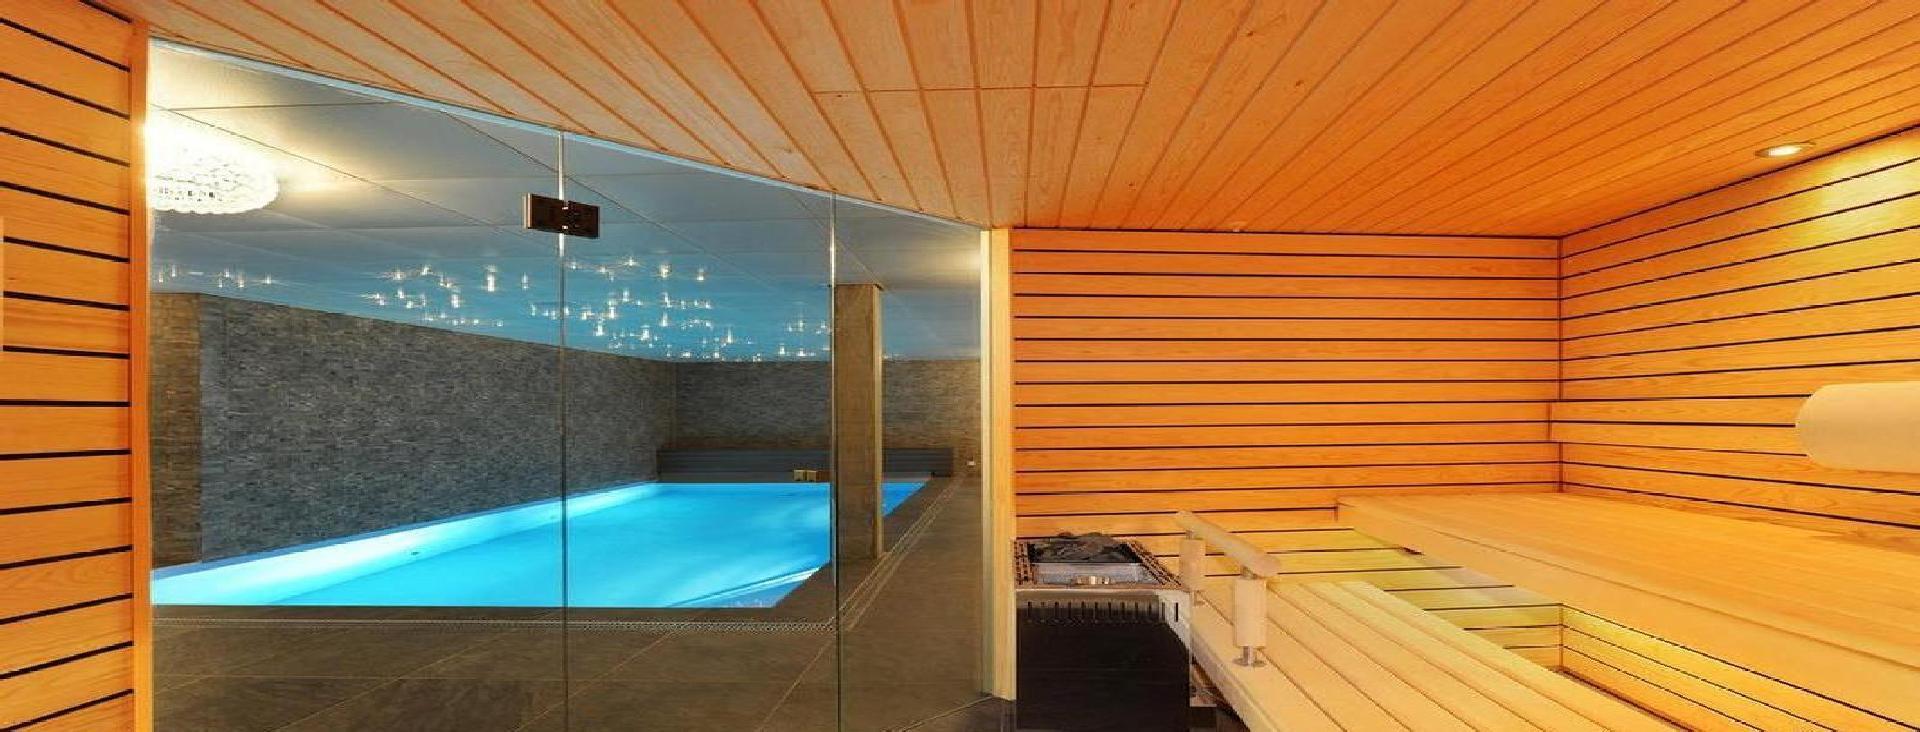 Проектирование и строительство бань, саун, хамамов с бассейнами.